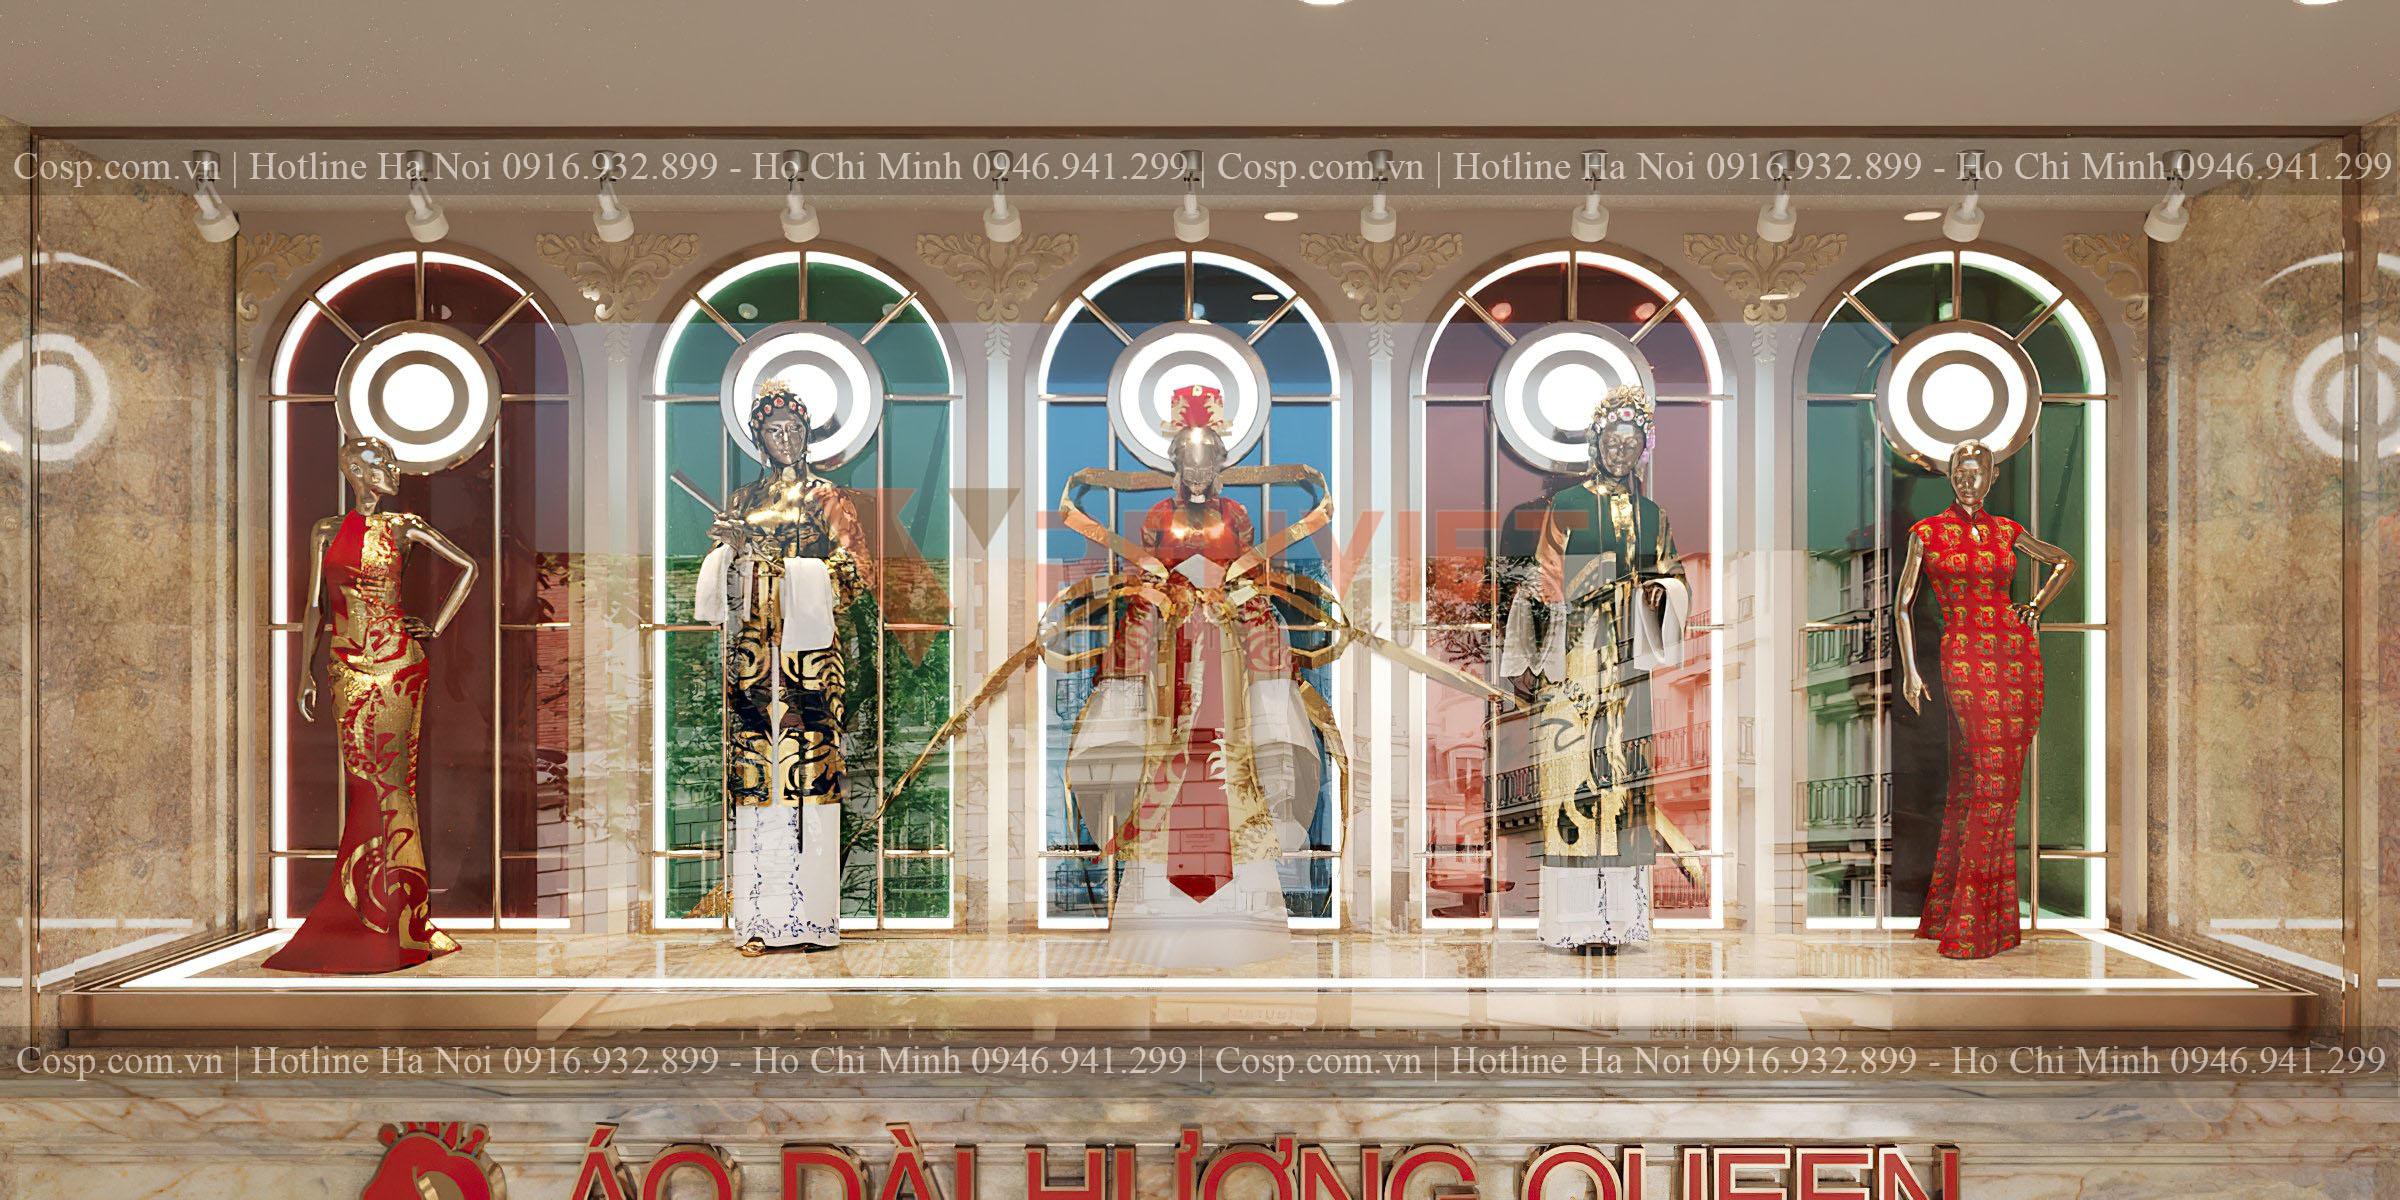 Thiết kế bục trưng bày Mannequin ở trước sảnh tầng 2